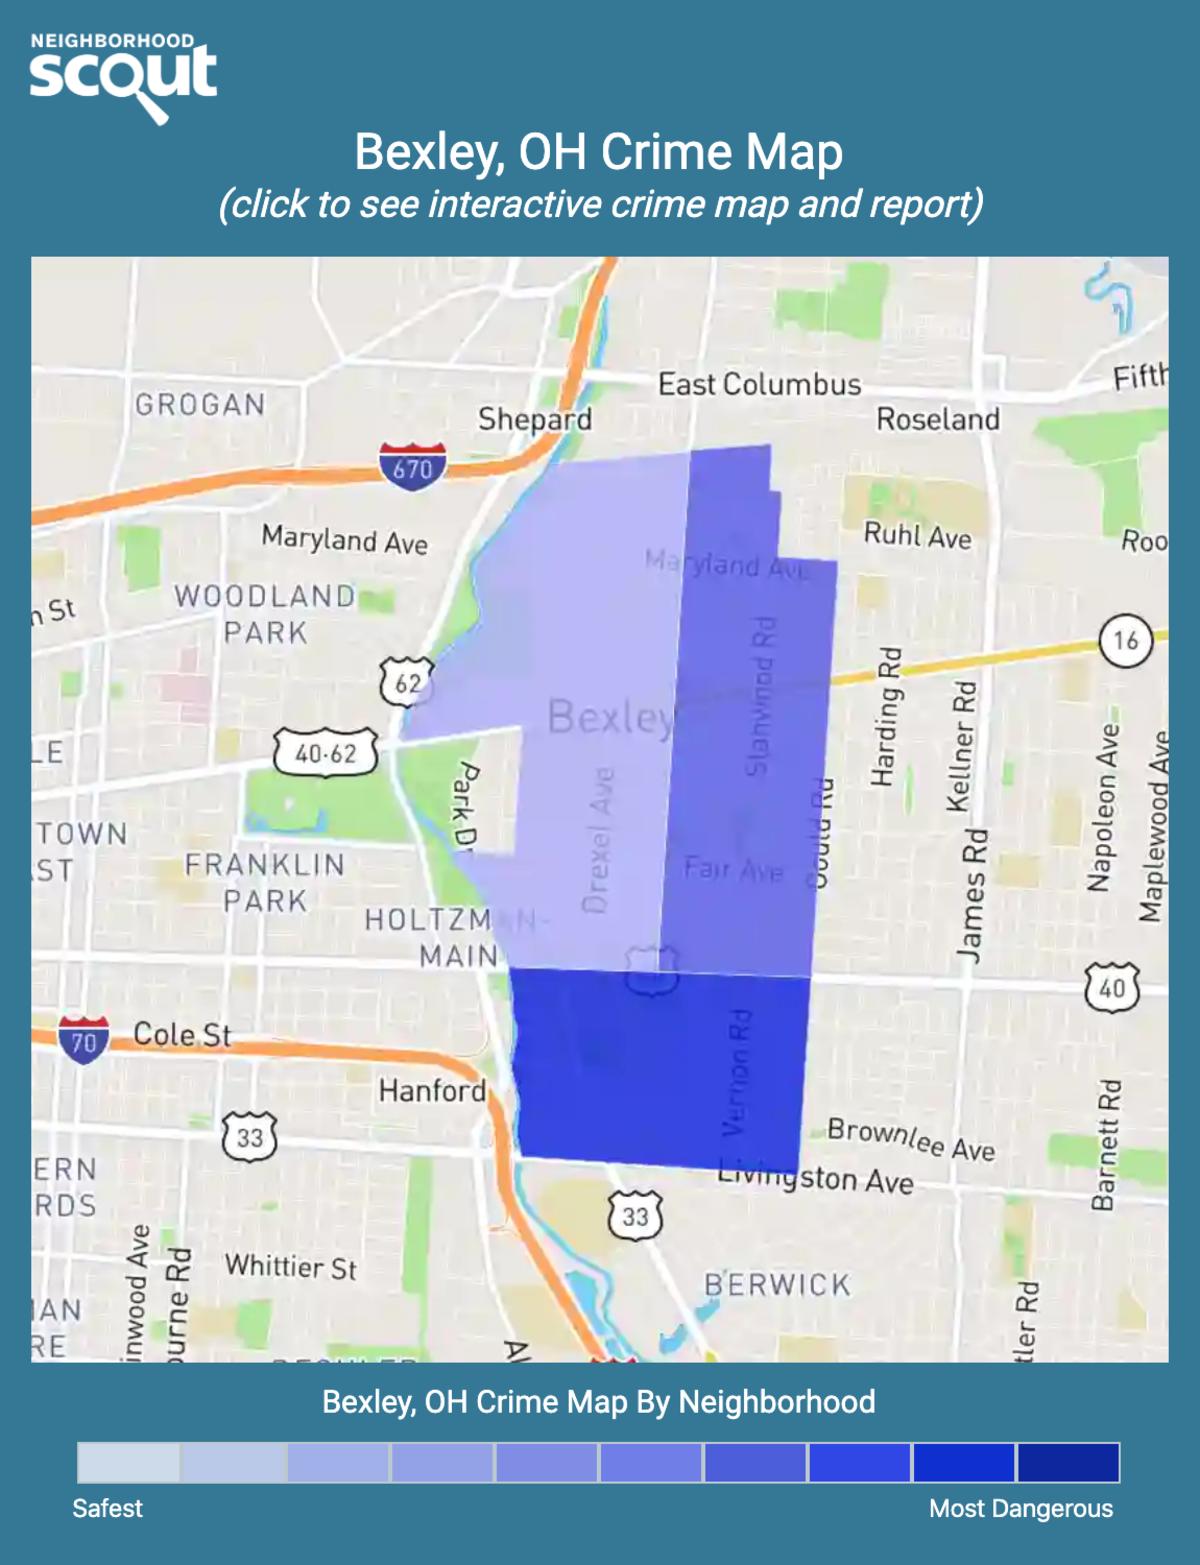 Bexley, Ohio crime map